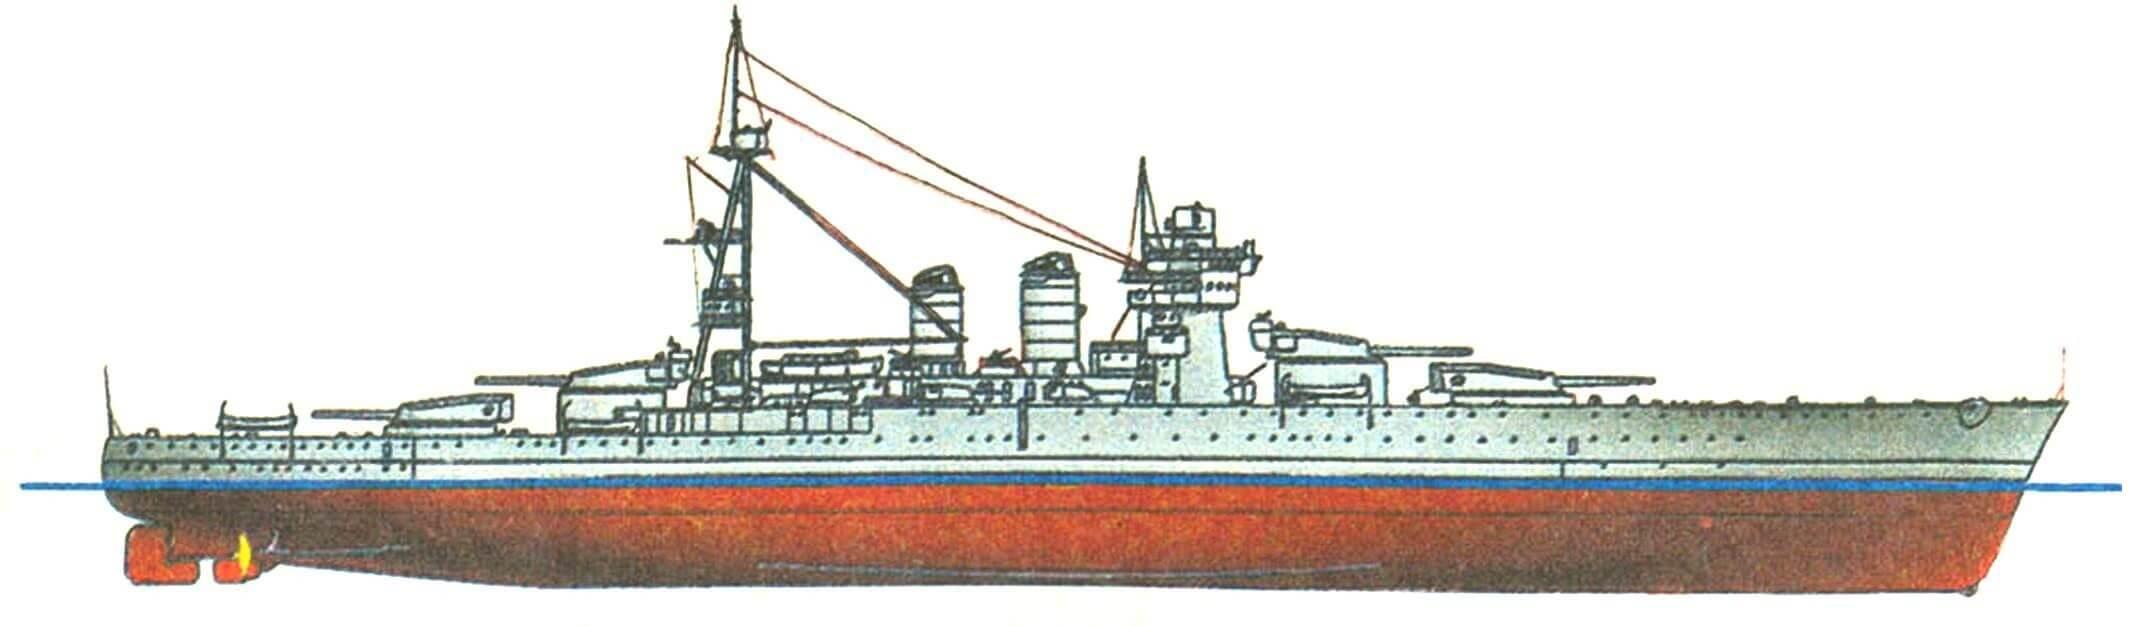 227. Линейный корабль «ДЖУЛИО ЧЕЗАРЕ», Италия, 1914/1938 г.